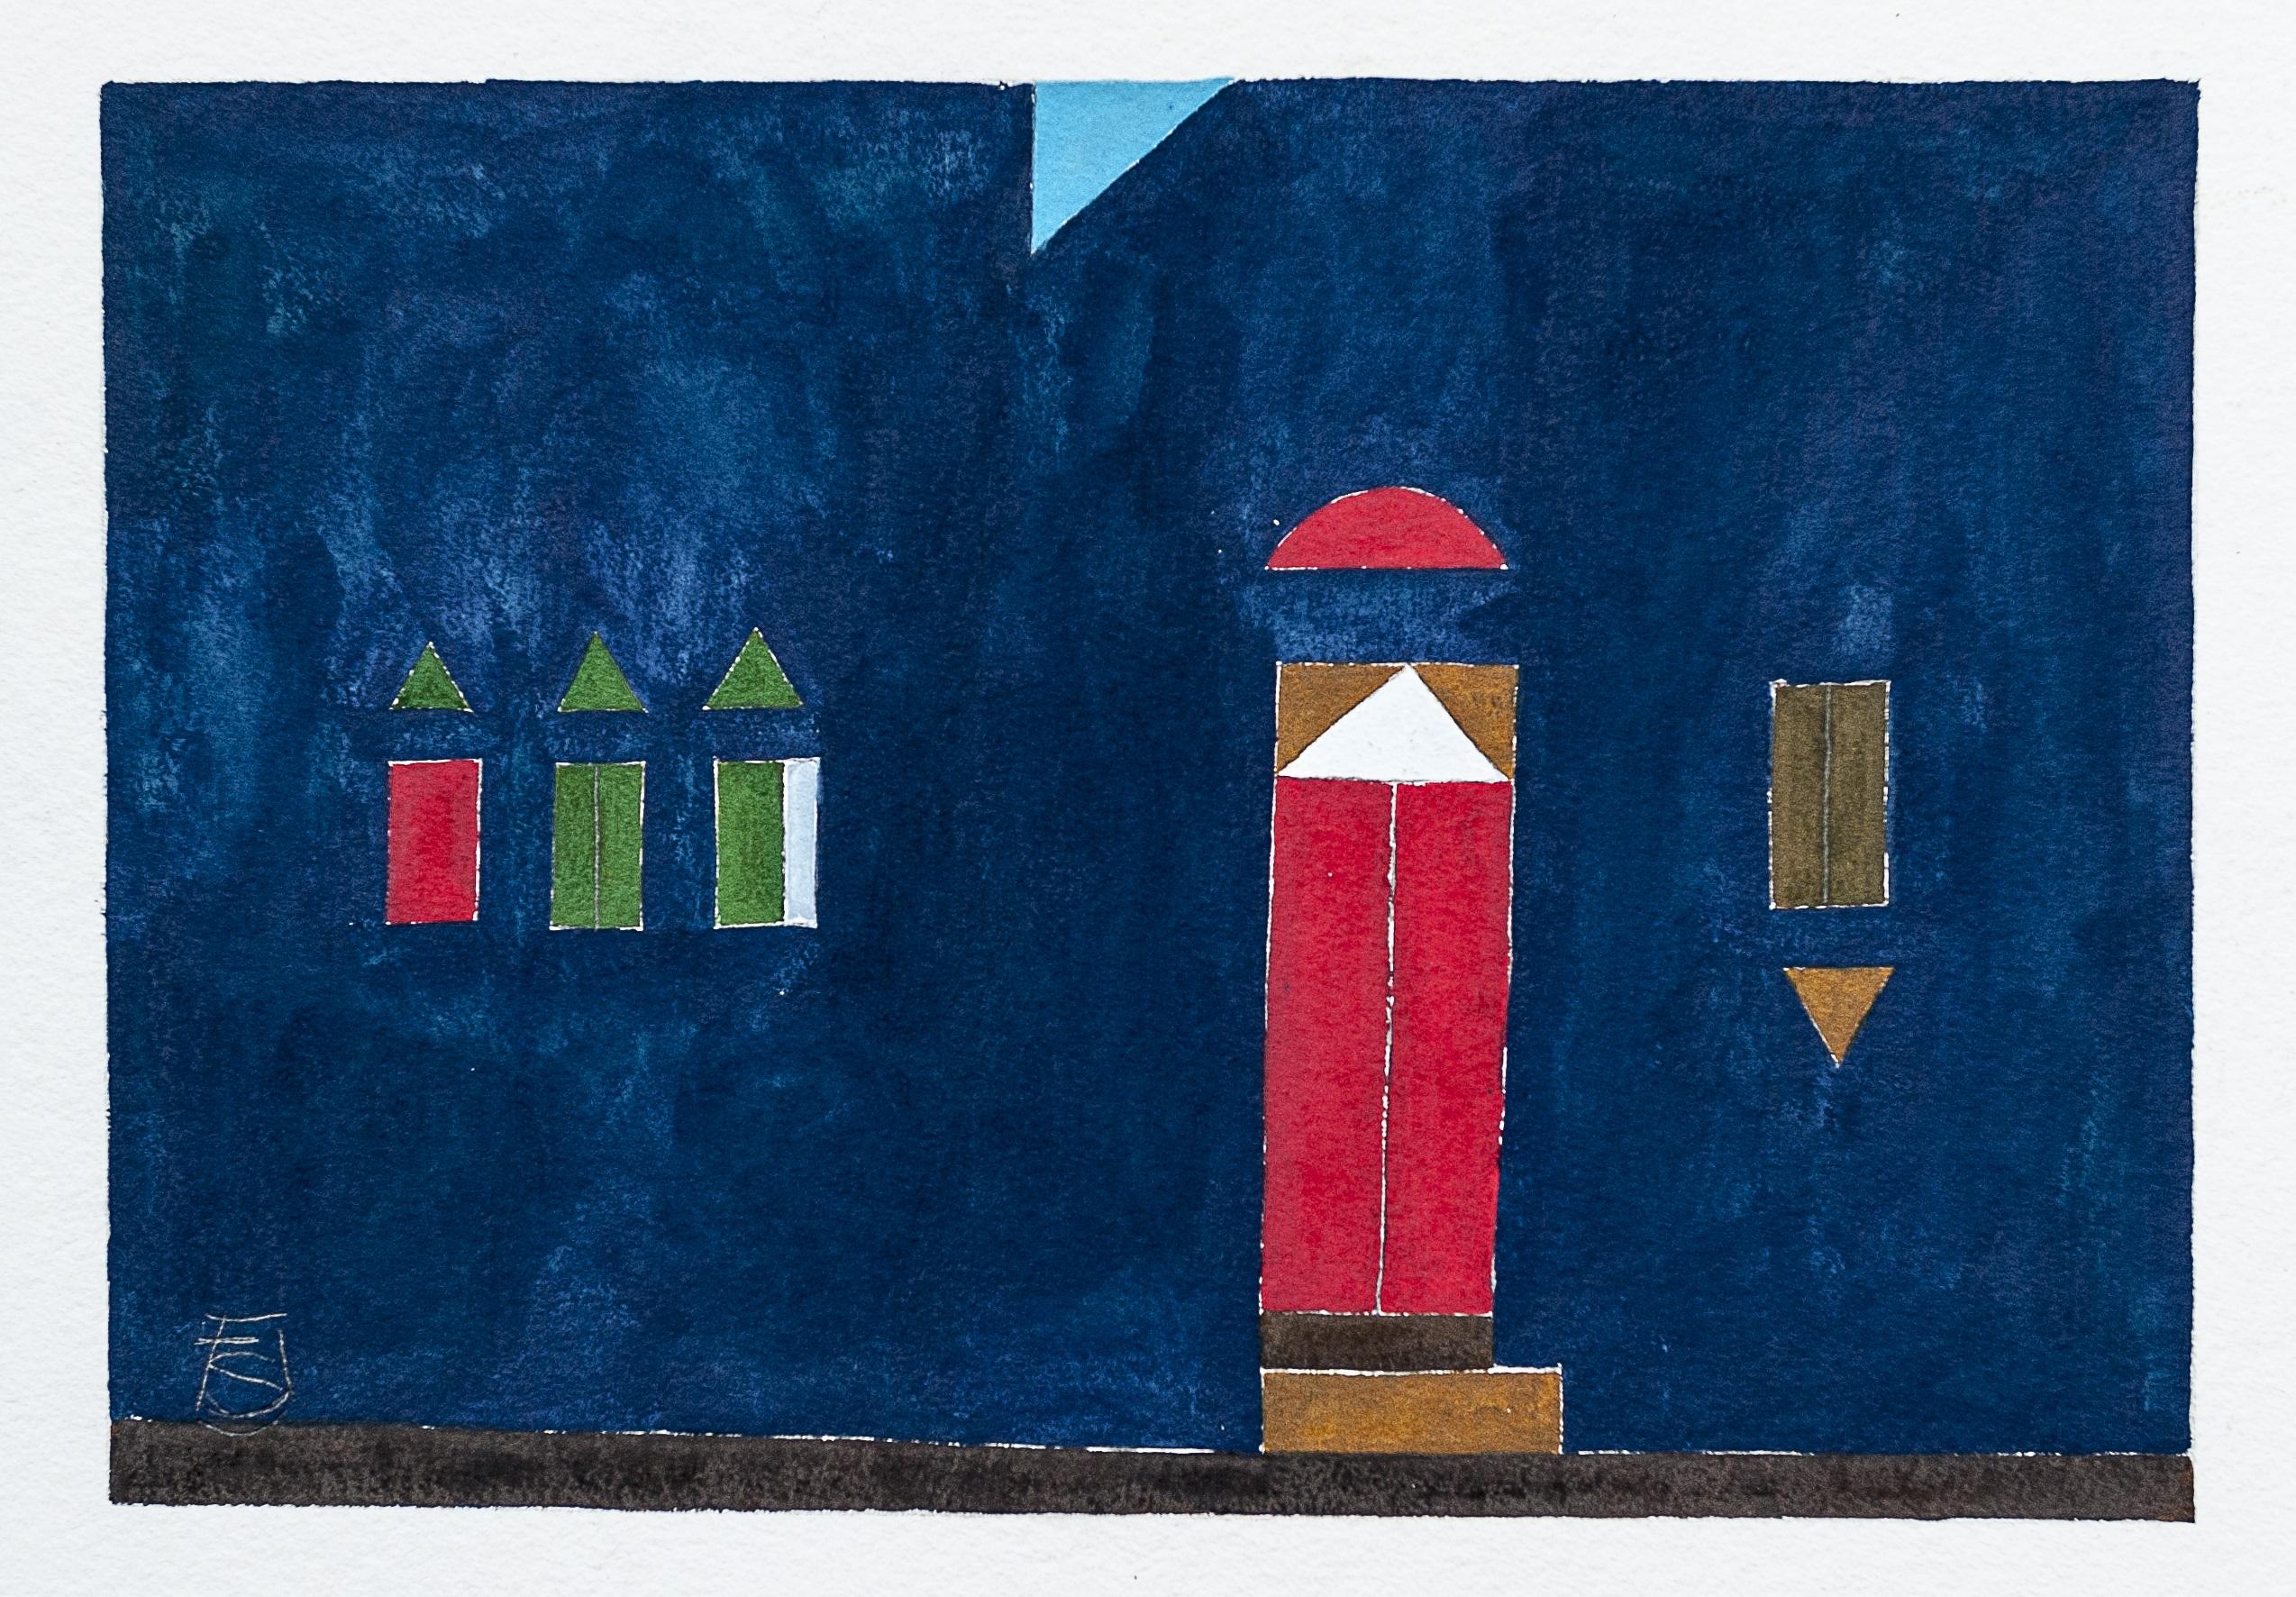 Pinturas de Adilson Santos brincam entre sentimentos atuais e cenários que lembram o passado